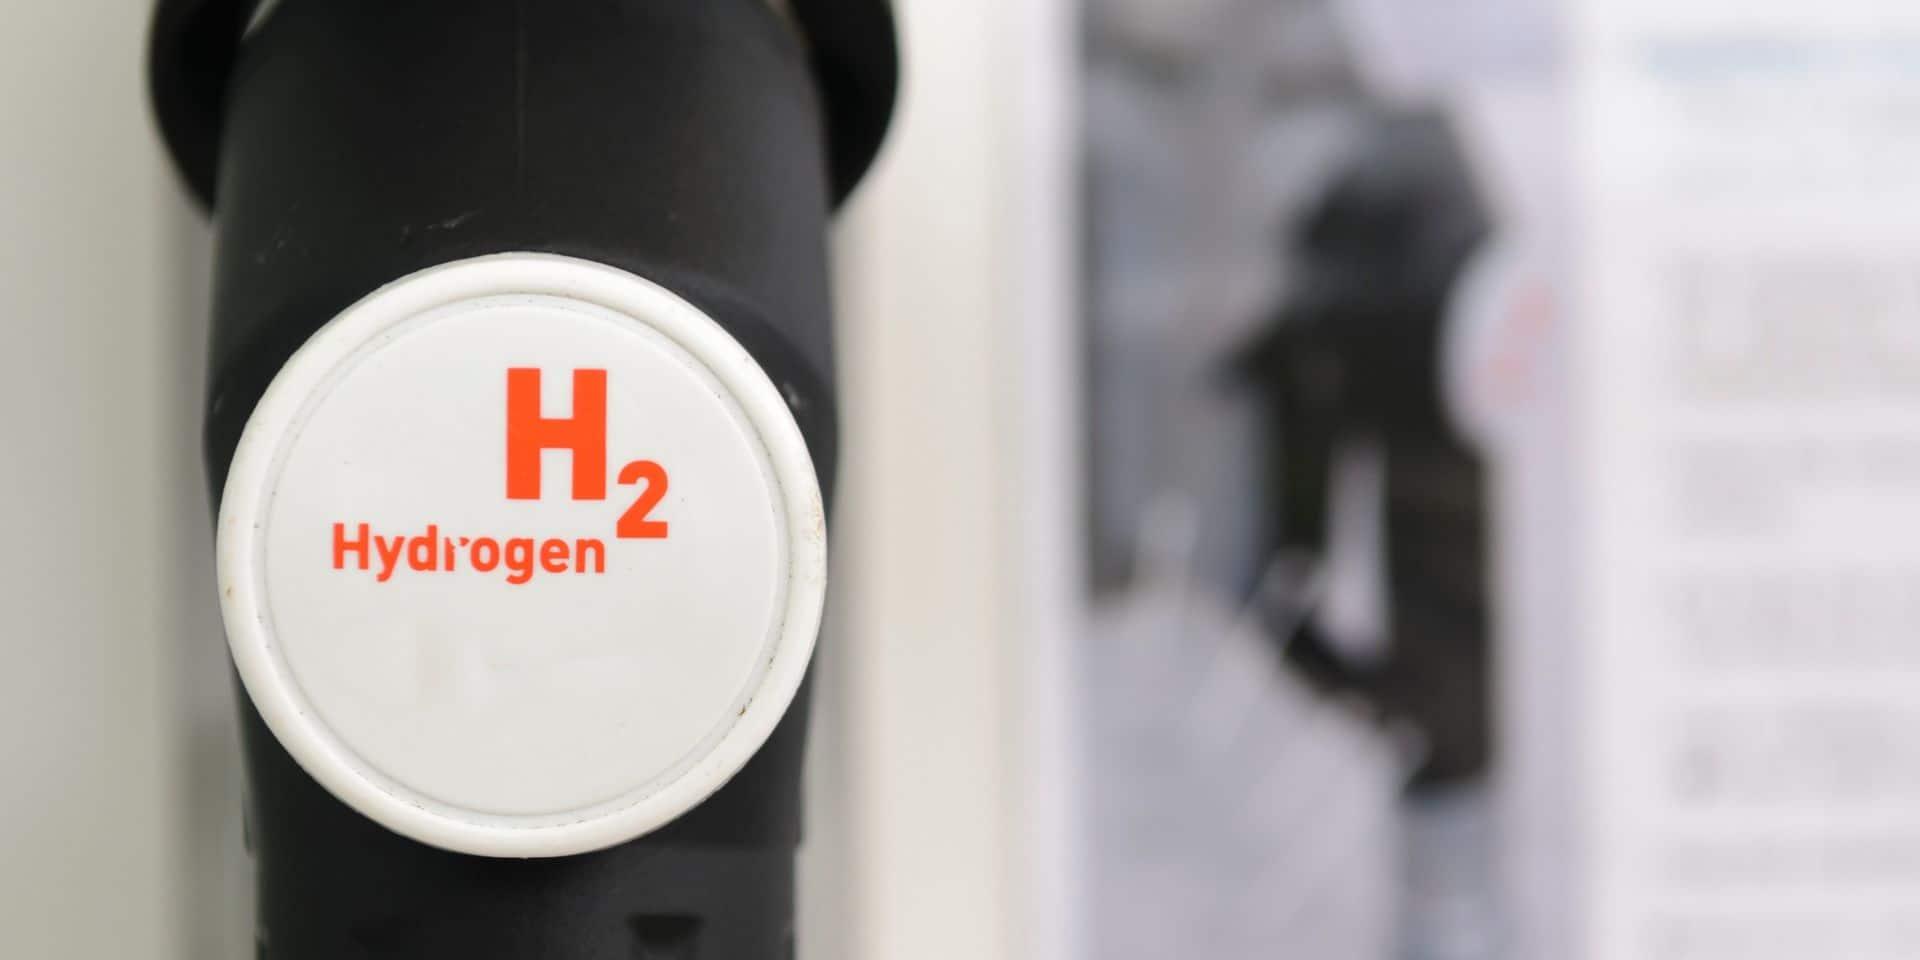 L'hydrogène vert est de l'hydrogène produit à partir d'électricité d'origine renouvelable. On évoque régulièrement la filière de l'hydrogène, mais il s'agit en réalité de dihydrogène (H2).